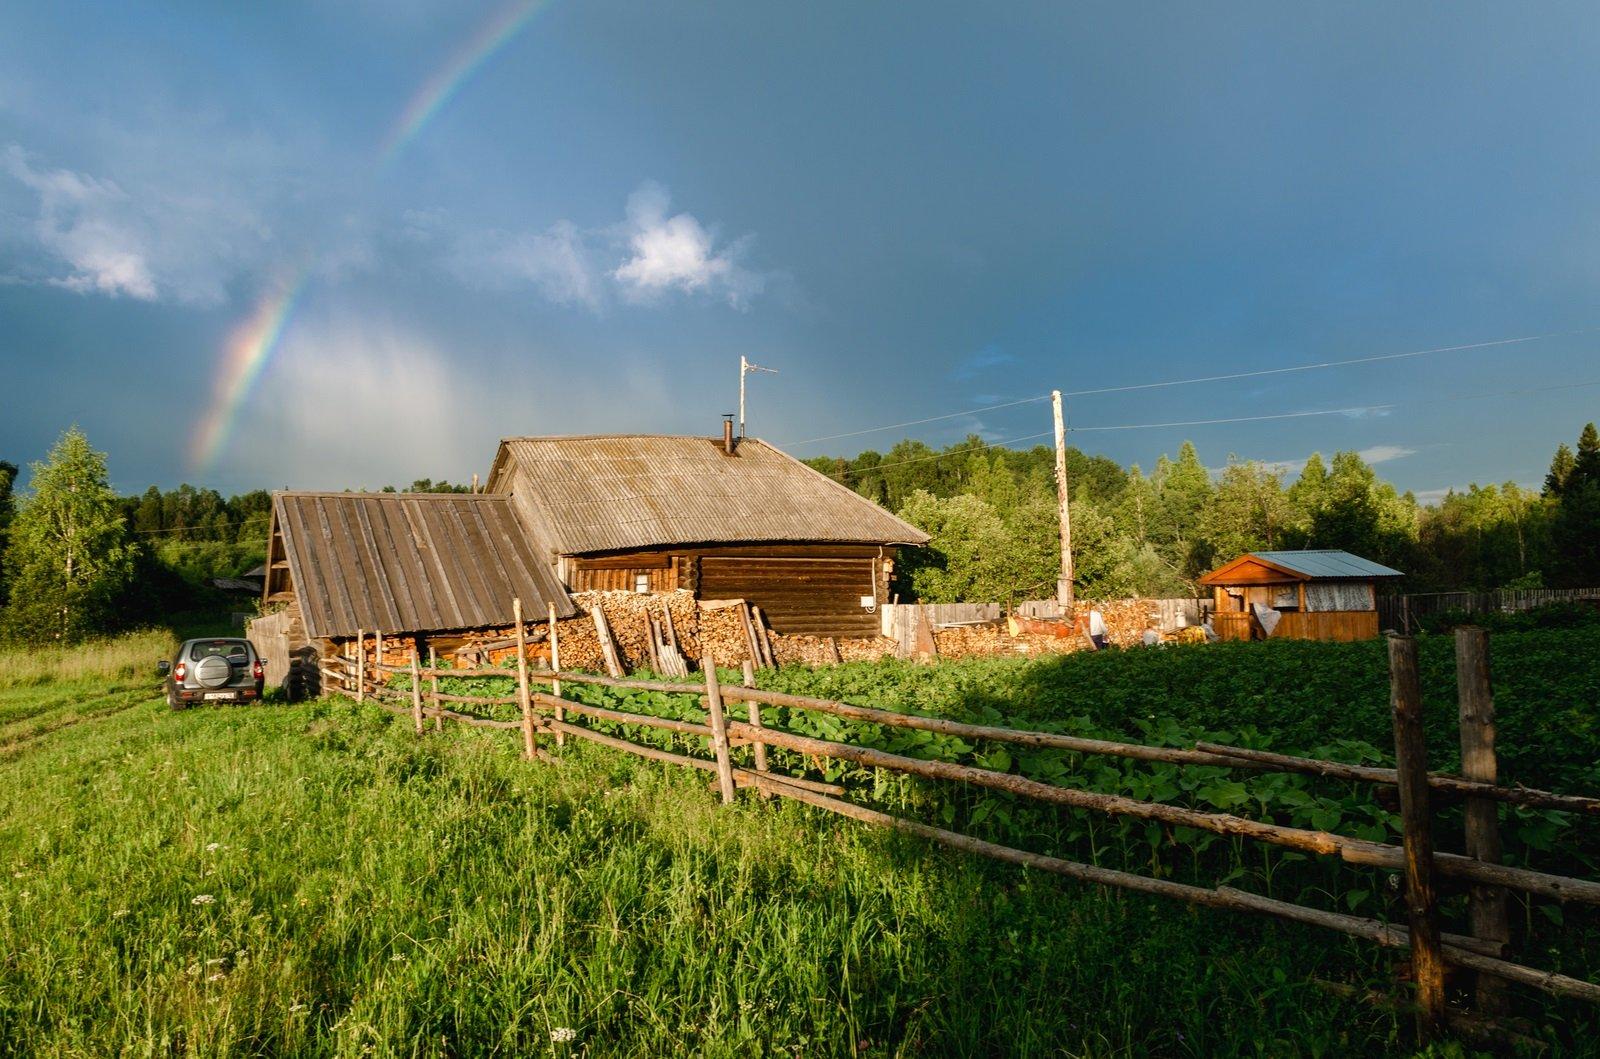 Літо 2020 в Україні буде незвичним: прогноз синоптиків на сезон відпусток насторожує - today.ua